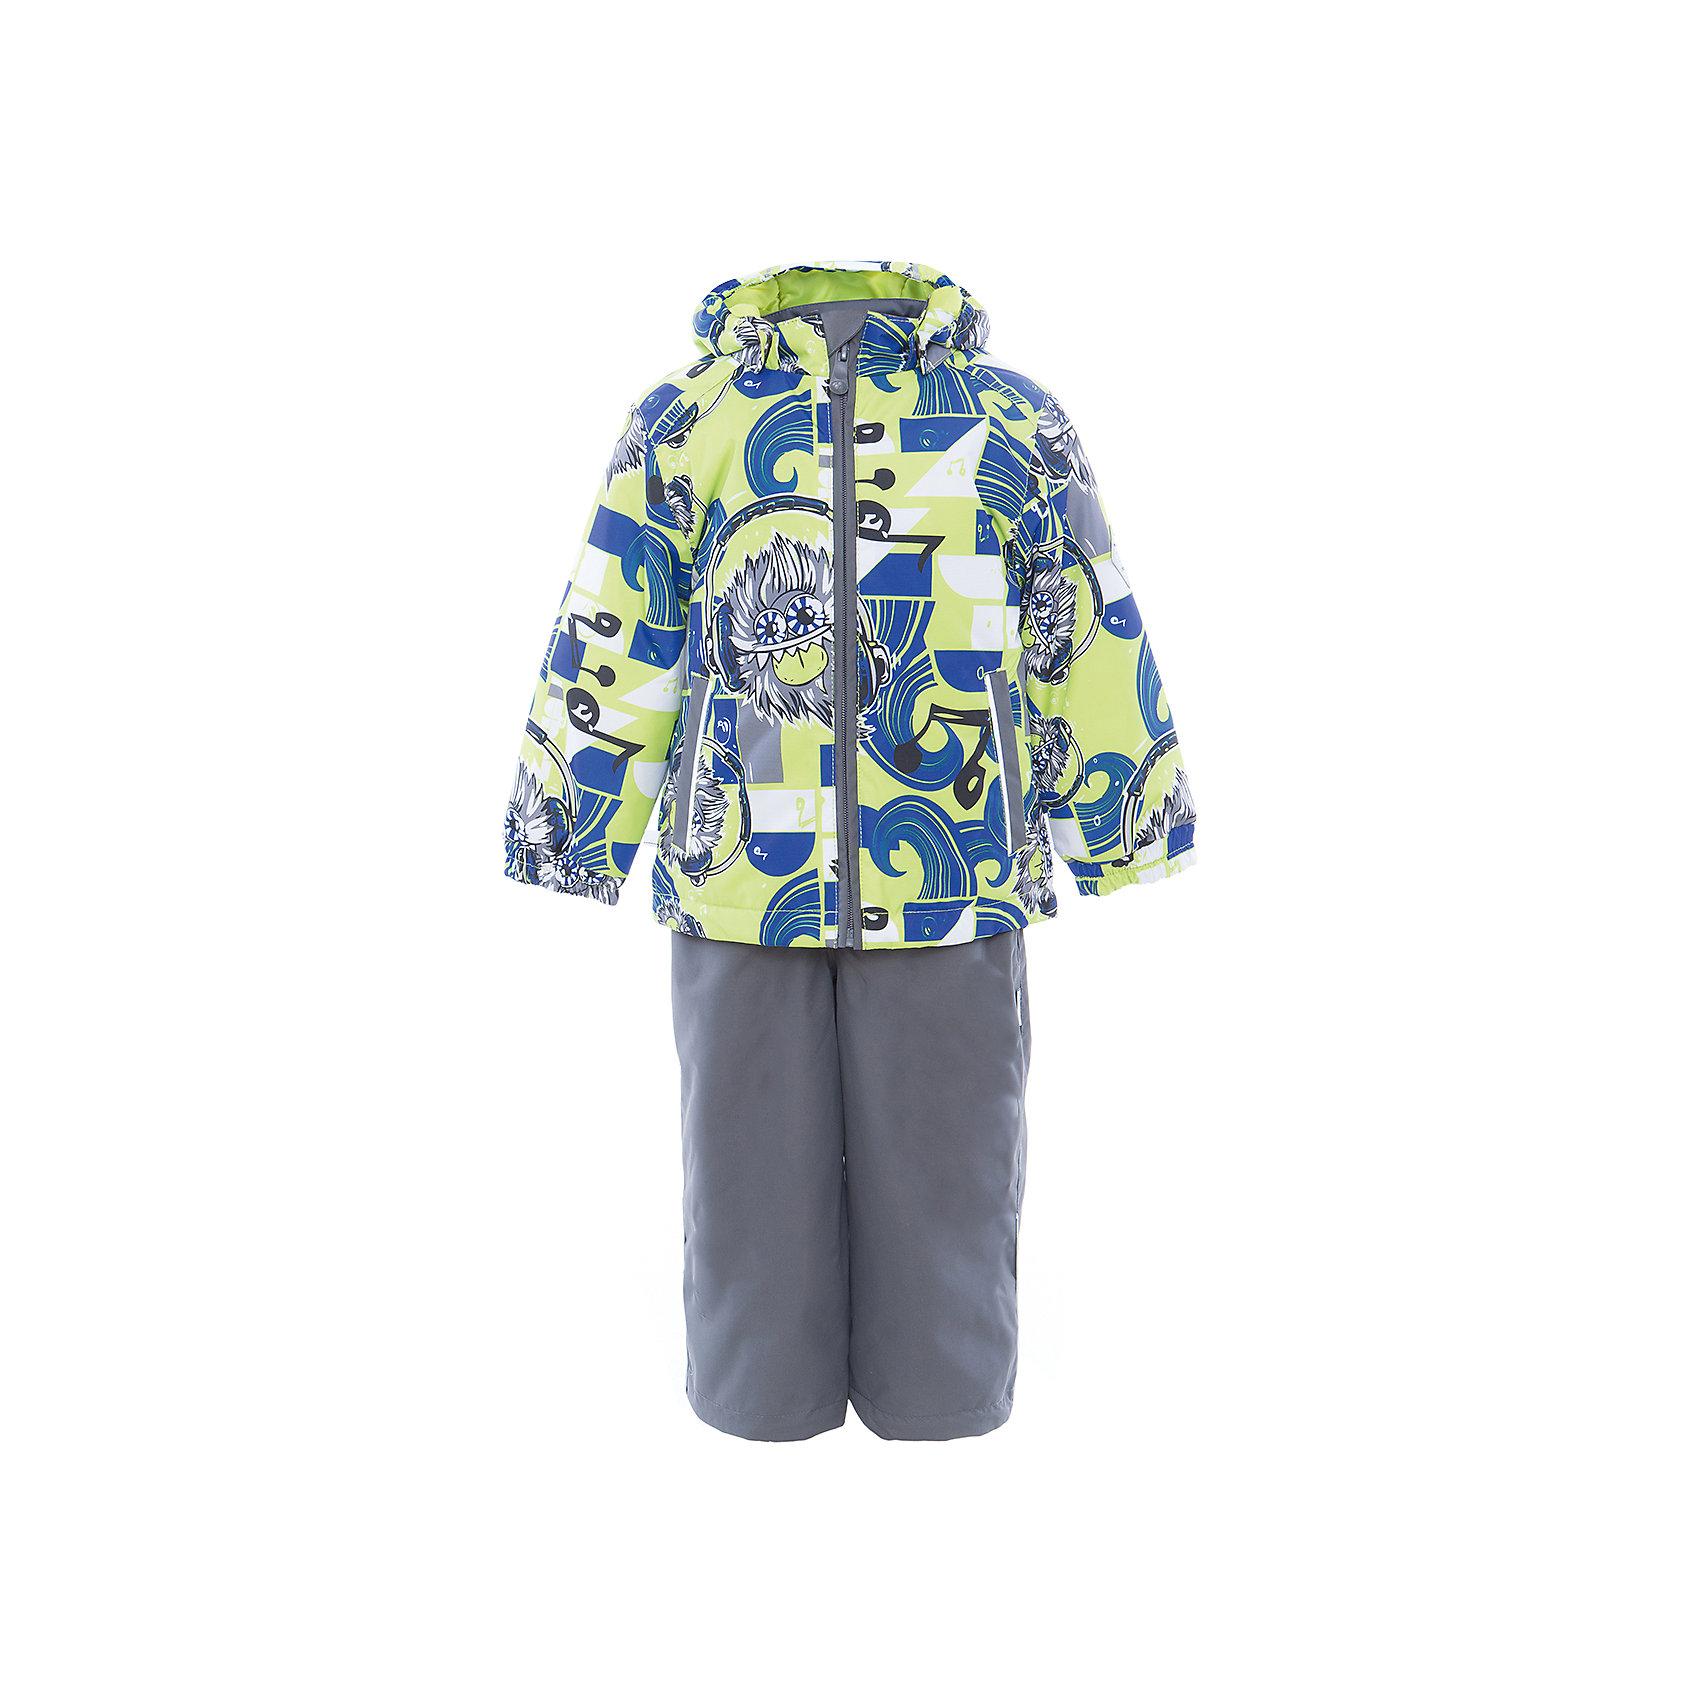 Комплект: куртка и полукомбинезон YOKO для мальчика HuppaВерхняя одежда<br>Характеристики товара:<br><br>• цвет: лайм принт/серый<br>• комплектация: куртка и полукомбинезон <br>• ткань: 100% полиэстер<br>• подкладка: тафта - 100% полиэстер<br>• утеплитель: в куртке и в брюках - 100% полиэстер 100 г<br>• температурный режим: от -5°С до +10°С<br>• водонепроницаемость: 10000 мм<br>• воздухопроницаемость: 10000 мм<br>• светоотражающие детали<br>• шов сидения проклеен<br>• эластичный шнур по низу куртки<br>• эластичный шнур с фиксатором внизу брючин<br>• съёмный капюшон с резинкой<br>• эластичные манжеты рукавов<br>• регулируемые низы брючин<br>• без внутренних швов<br>• резиновые подтяжки<br>• коллекция: весна-лето 2017<br>• страна бренда: Эстония<br><br>Такой модный демисезонный комплект  обеспечит детям тепло и комфорт. Он сделан из материала, отталкивающего воду, и дополнен подкладкой с утеплителем, поэтому изделие идеально подходит для межсезонья. Материал изделий - с мембранной технологией: защищая от влаги и ветра, он легко выводит лишнюю влагу наружу. Комплект очень симпатично смотрится. <br><br>Одежда и обувь от популярного эстонского бренда Huppa - отличный вариант одеть ребенка можно и комфортно. Вещи, выпускаемые компанией, качественные, продуманные и очень удобные. Для производства изделий используются только безопасные для детей материалы. Продукция от Huppa порадует и детей, и их родителей!<br><br>Комплект: куртка и полукомбинезон YOKO от бренда Huppa (Хуппа) можно купить в нашем интернет-магазине.<br><br>Ширина мм: 356<br>Глубина мм: 10<br>Высота мм: 245<br>Вес г: 519<br>Цвет: зеленый<br>Возраст от месяцев: 72<br>Возраст до месяцев: 84<br>Пол: Мужской<br>Возраст: Детский<br>Размер: 122,92,98,104,110,116<br>SKU: 5346739